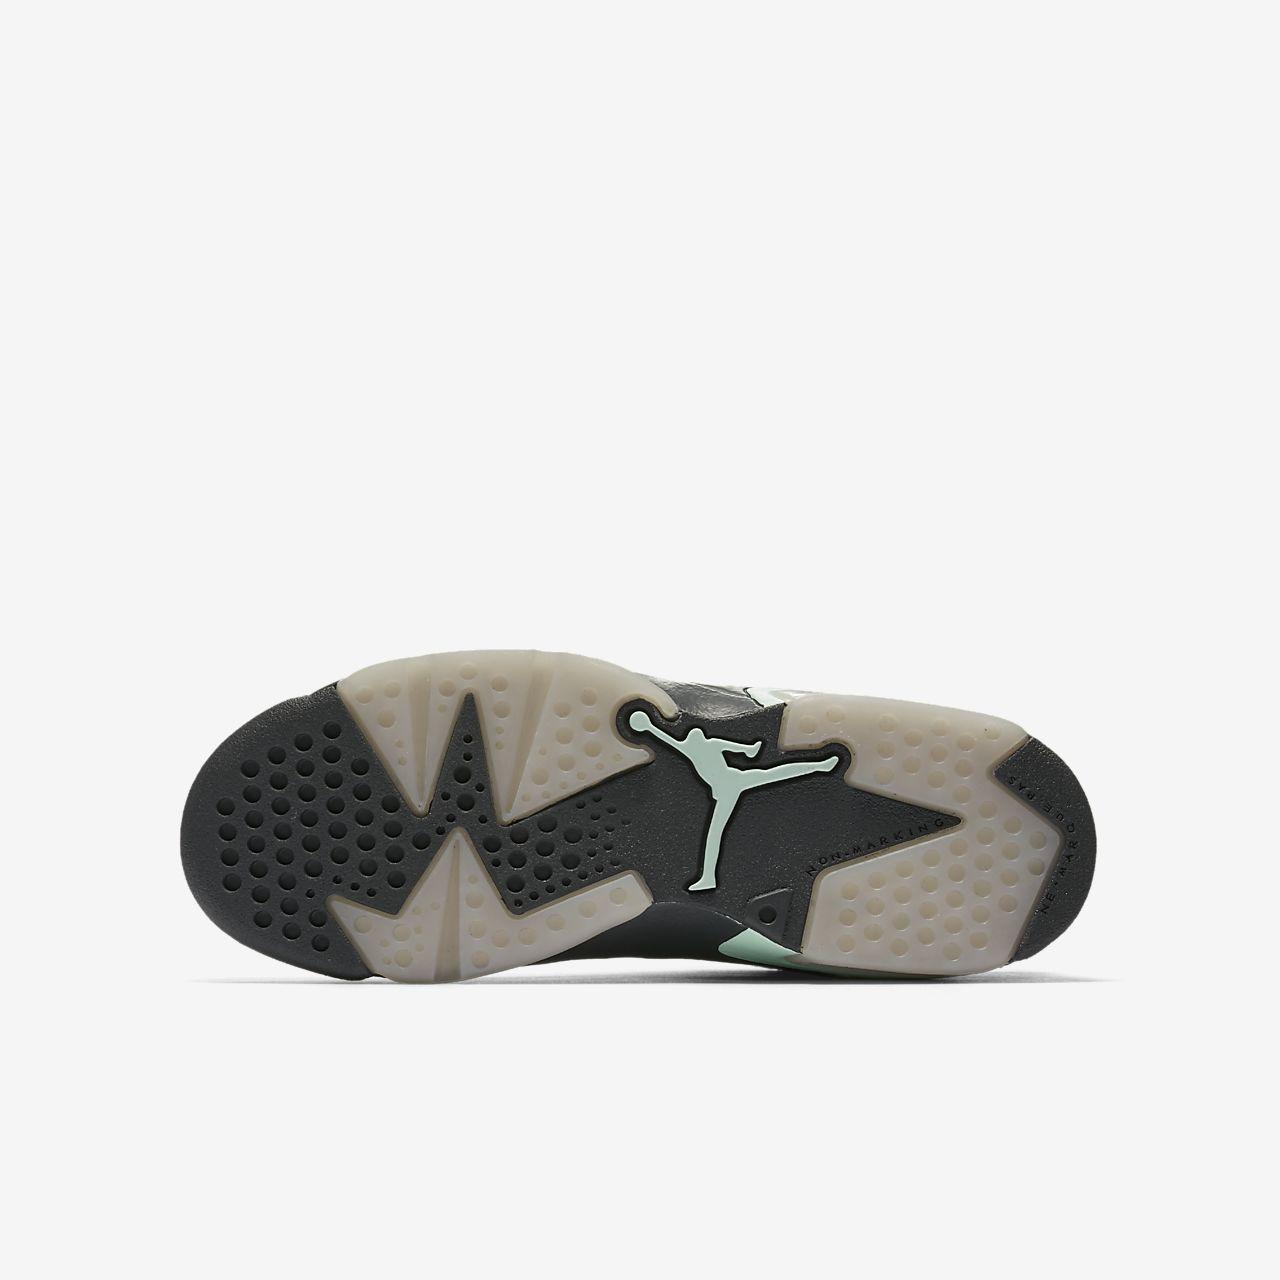 brand new fa755 54f92 ... Air Jordan Retro 6 Low Older Kids  Shoe